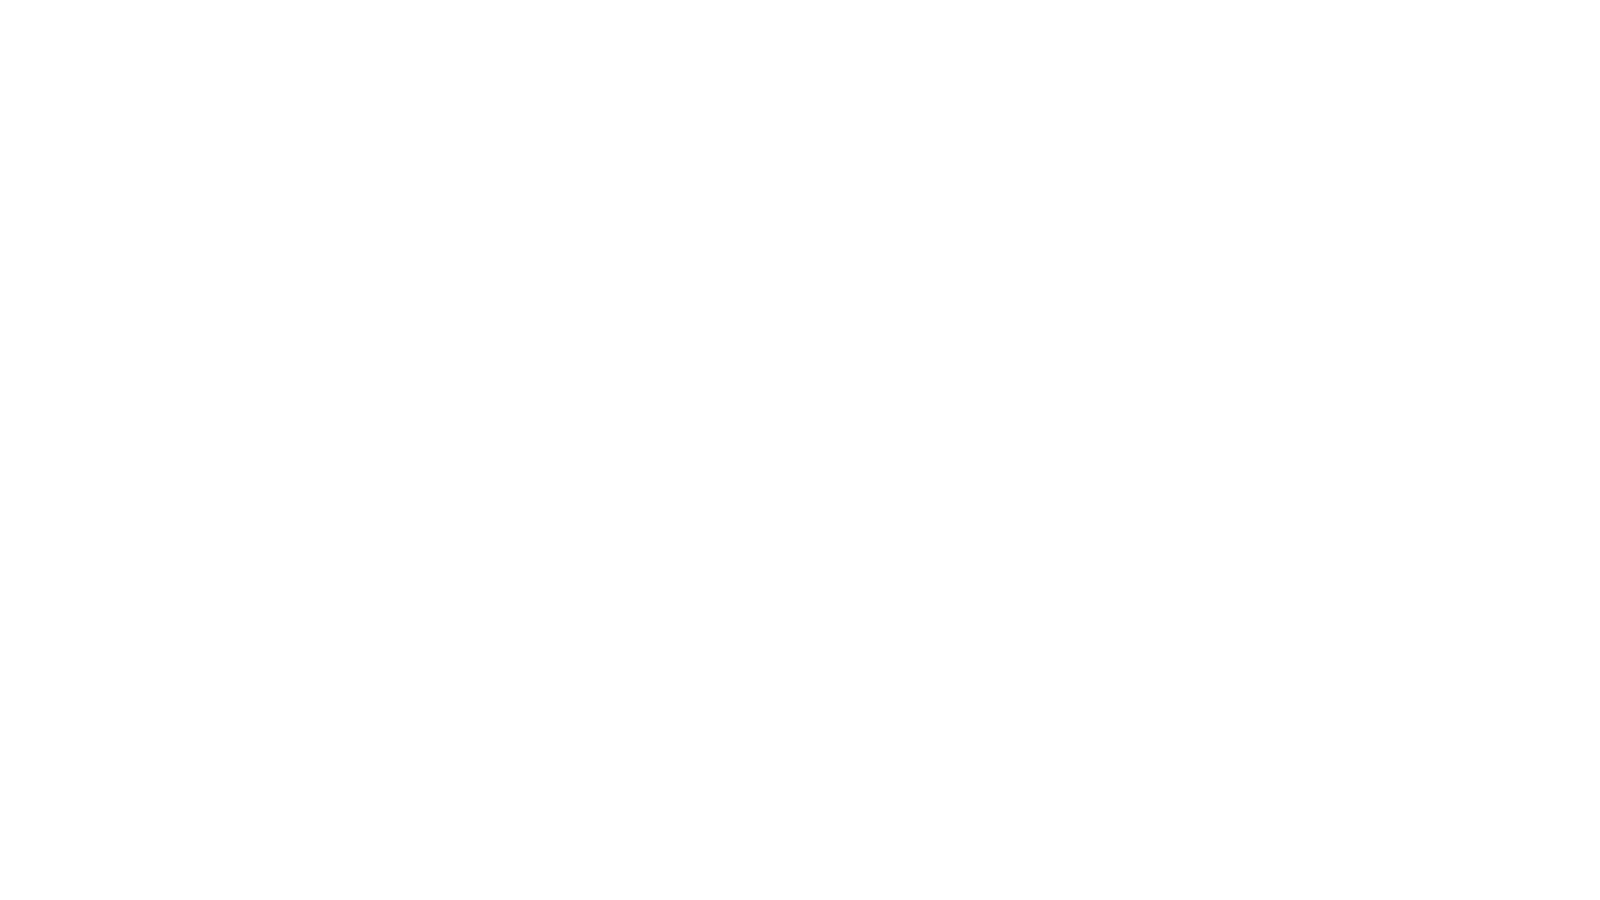 A exposiçom TERRITÓRIO EXPANDIDO esteve no Museu da Indústria de Fortaleza, no Brasil, no marco dos Encontros de Agosto, festival parceiro do Outono Fotográfico. A exposiçom explora os conceitos de território e identidade. Som várias séries de diferentes autores e autoras galegas (9, entre eles 4 Premios Galiza de Fotografía Contemporánea) que trabalham com a relaçom que estabelecemos com o território para modificar e humanizar a paisagem. Ademáis as séries dialogam entre elas para deixar constancia e tirar leituras sobre a identidade particular de um País não reconhecido nas leis europeias, com uma lingua diferente á do seu Estado, o que marca profundamente o jeito de estar e reflectir das pessoas que na Galiza habitamos.   Partindo de visões particulares bem diferenciadas, desde a curadoría criou-se um discurso unificador que, além de explorar as diferentes prácticas fotográficas na criação fotográfica atual na Galiza, mostra como os e as galegas habitamos a nossa terra e documenta a relação que temos com o território. Fala, portanto, da nossa identidade, que ademáis não é issolada pois é comum a toda uma cultura da galeguidade que exportamos ao mundo e que deu em se chamar noutros pontos do mundo lusofonia ou brasilidade.  Os conceitos de território e identidade estão muito unidos na fotografía, entendendo território como o conceito referido á paisagem intervinda pelo humano, ou á contorna natural humanizada, o que descreve e interpela transversalmente a identidade do povo que o habita. Uma identidade condicionada por um País colonizado, o que marca redicalmente o jeito de estarmos no mundo, o que torna visível em tudo quanto os e as galegas fazemos, também na arte.     Esta exposición, curada por Vítor Nieves é unha colectiva de 9 autores e autoras galegos que traballan sobre o território e a identidade. Ademais dos 4 Premios Galicia de Fotografía Contemporánea: Daniel Díaz Trigo, Berto Macei, Jose Romay e Eva Díez, podemos ver os ensaios de Marta Moreiras, Dami